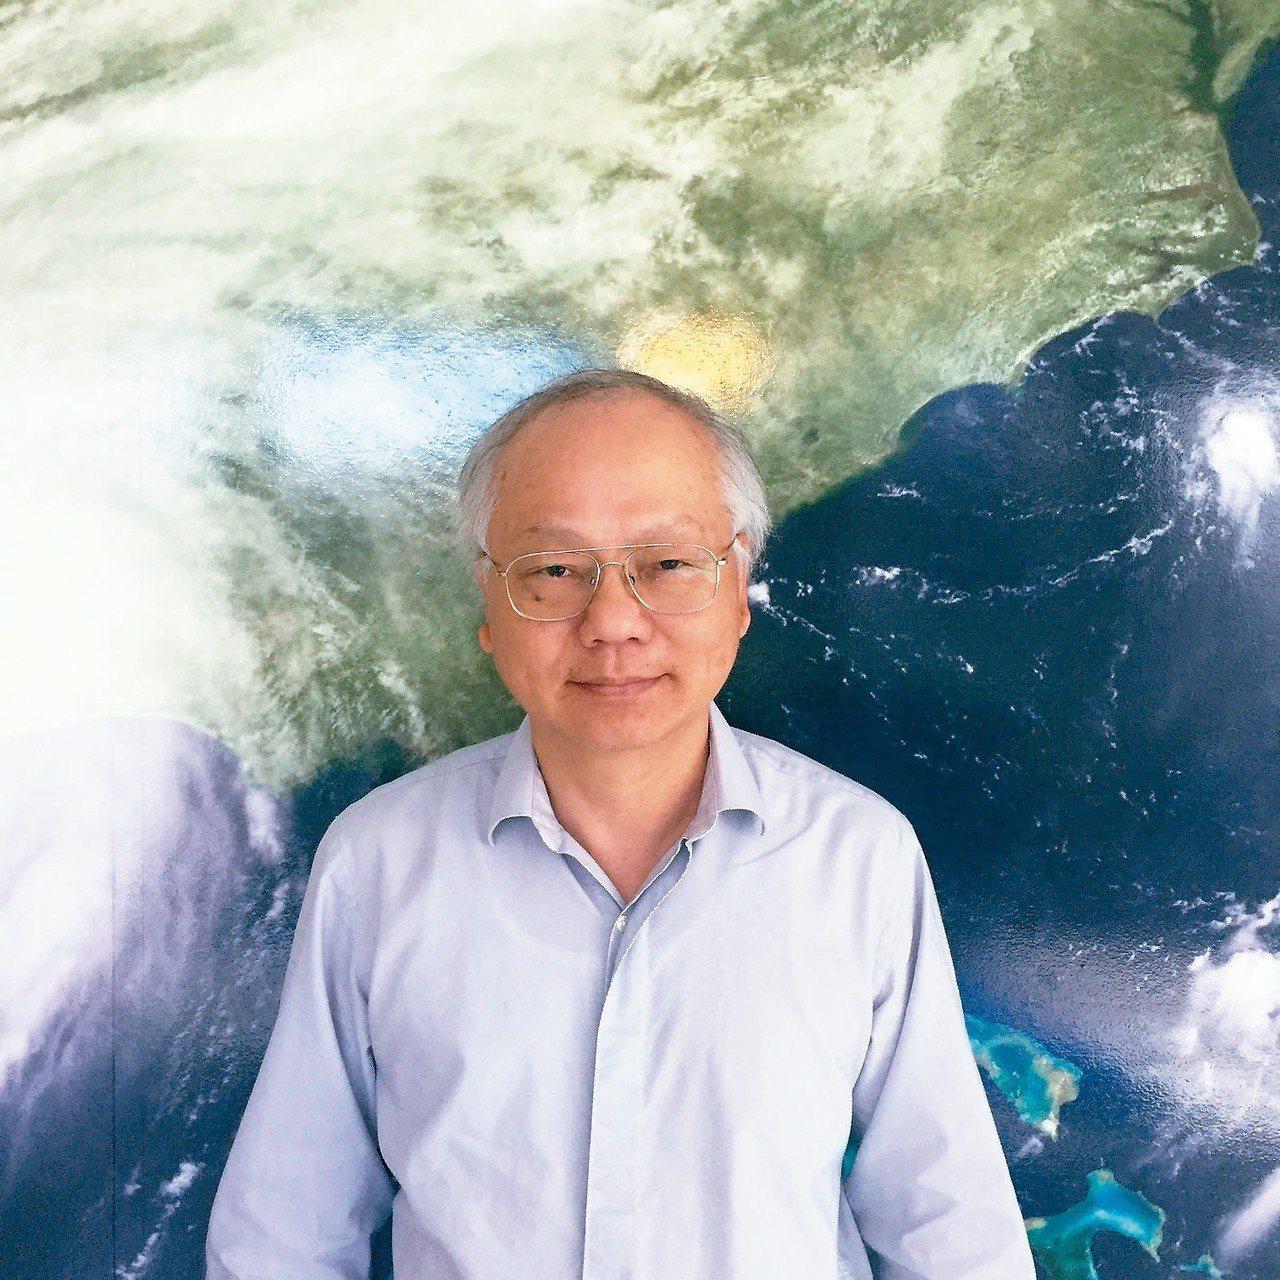 台灣旅美大氣科學家林先建設計美國下一代天氣預報系統。 圖/林先建提供